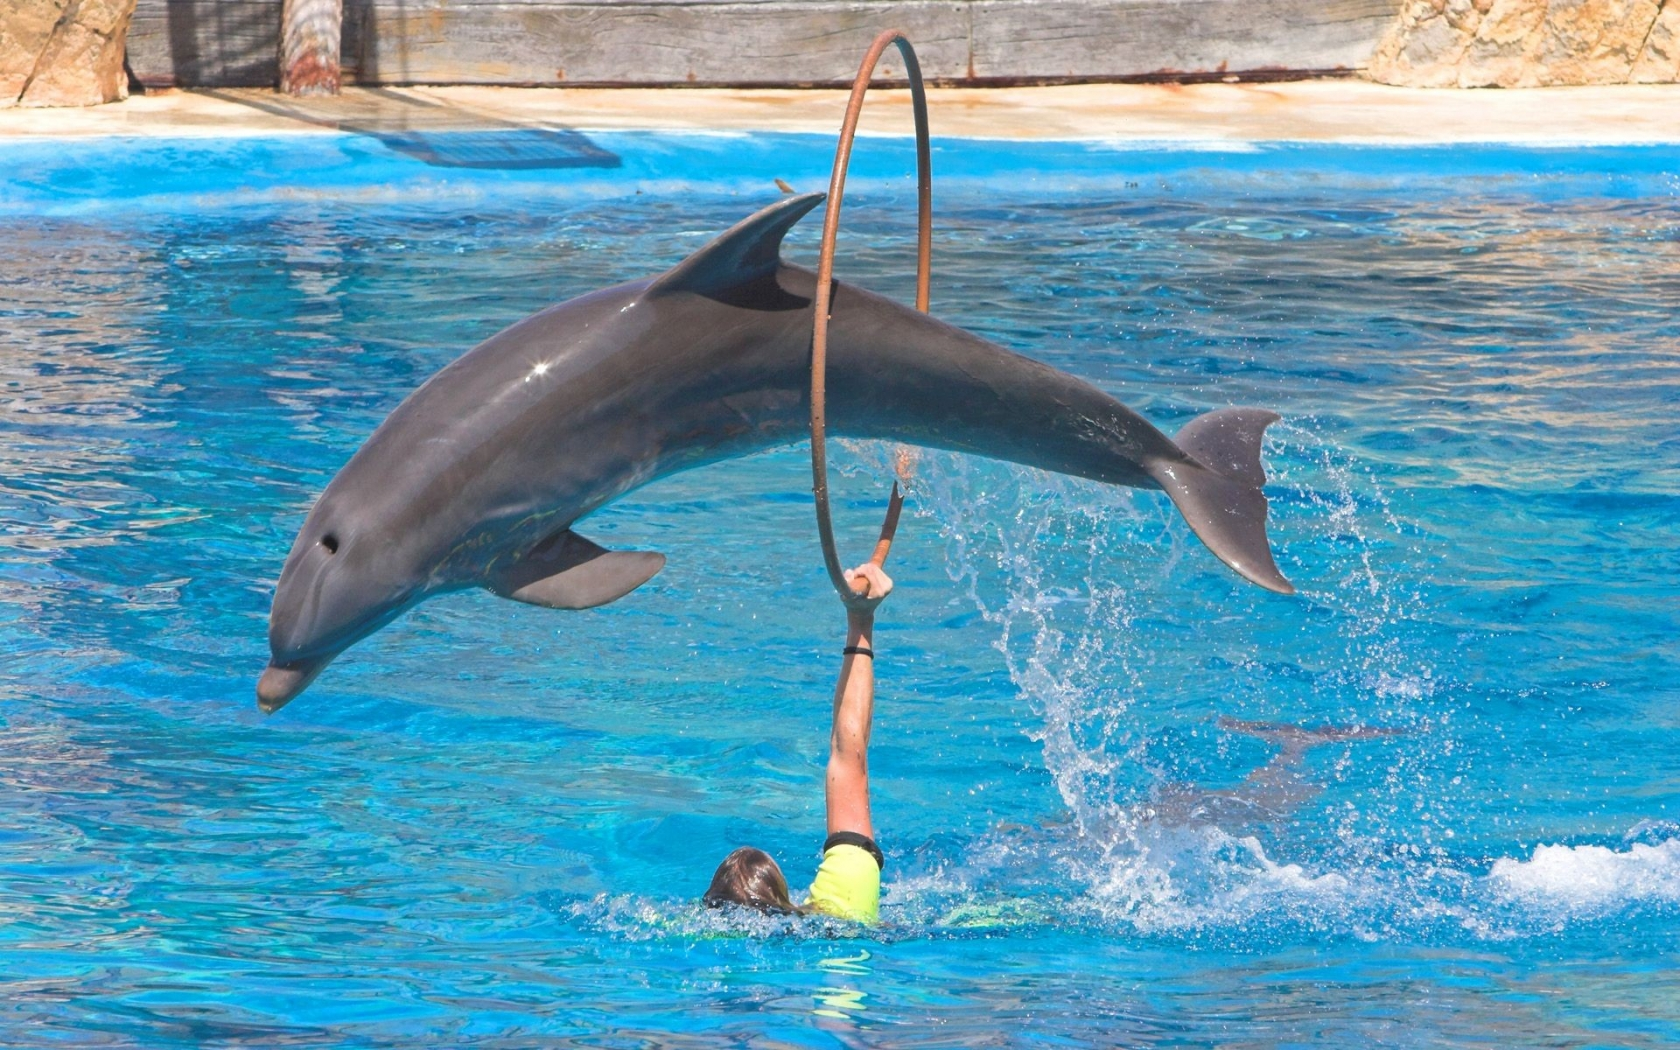 Saltos de delfines - 1680x1050